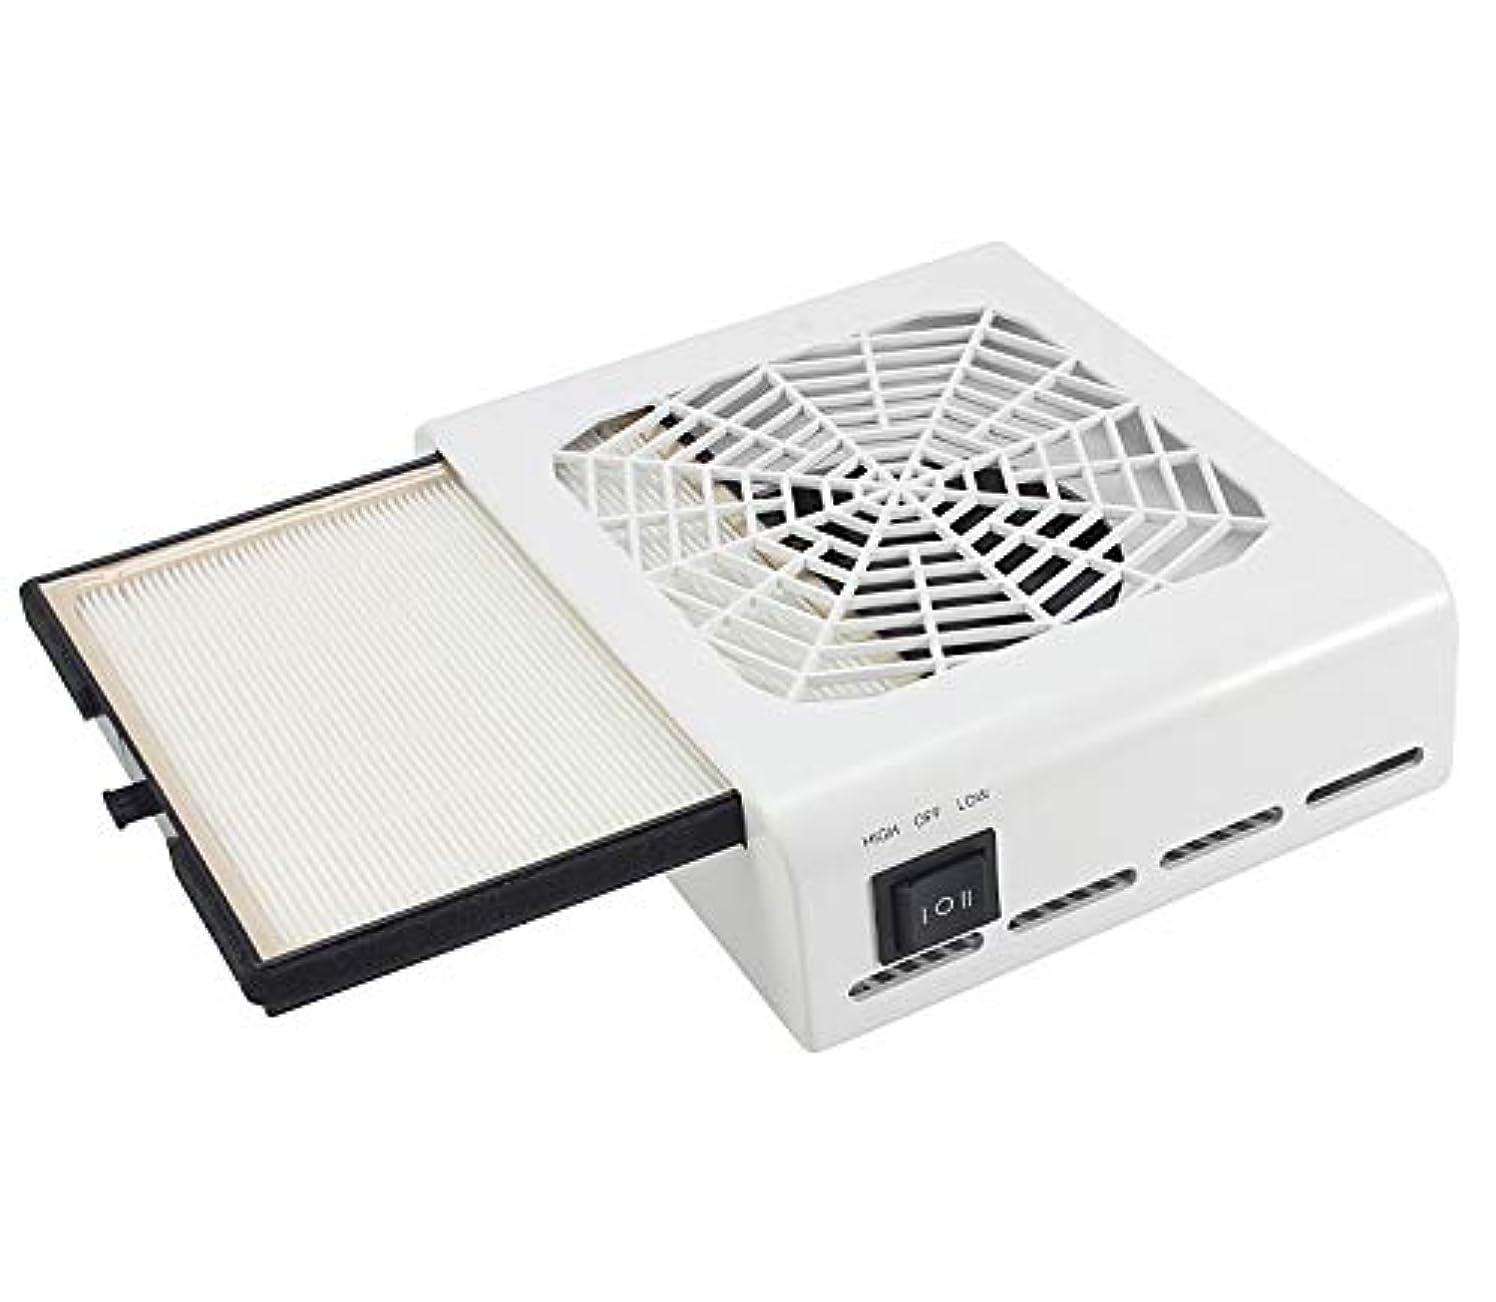 ベリー転送育成ネイルダスト 集塵機 ジェルネイル ネイル機器 最新版 セルフネイル 低騒音 110V 40W パワー調節可能 白